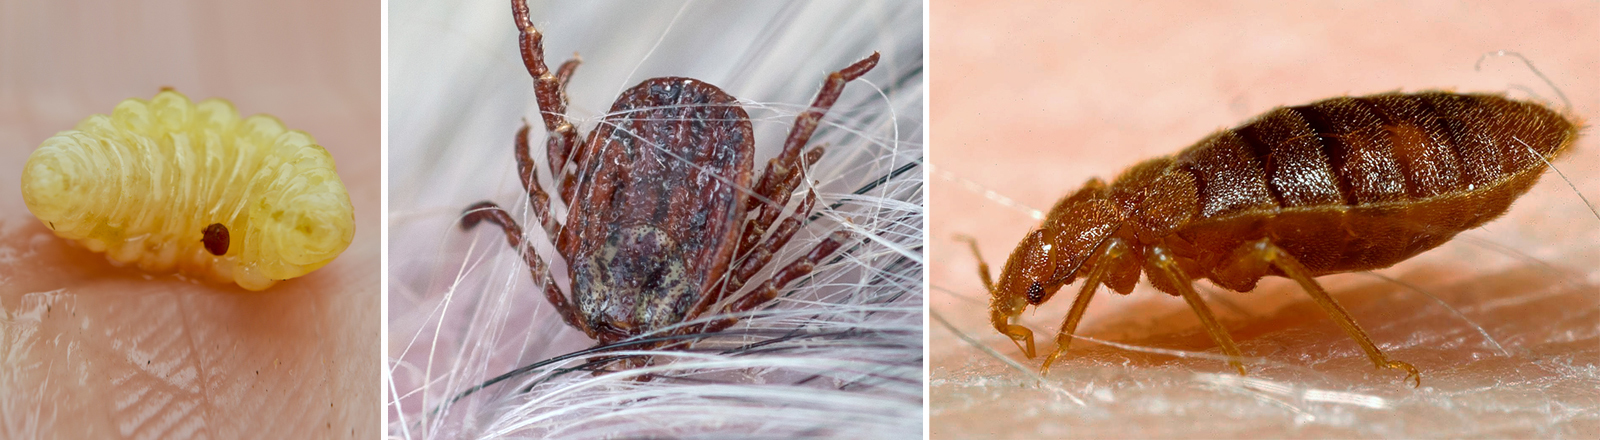 Parasiten: Zecke, Varroamilbe, Bettwanze